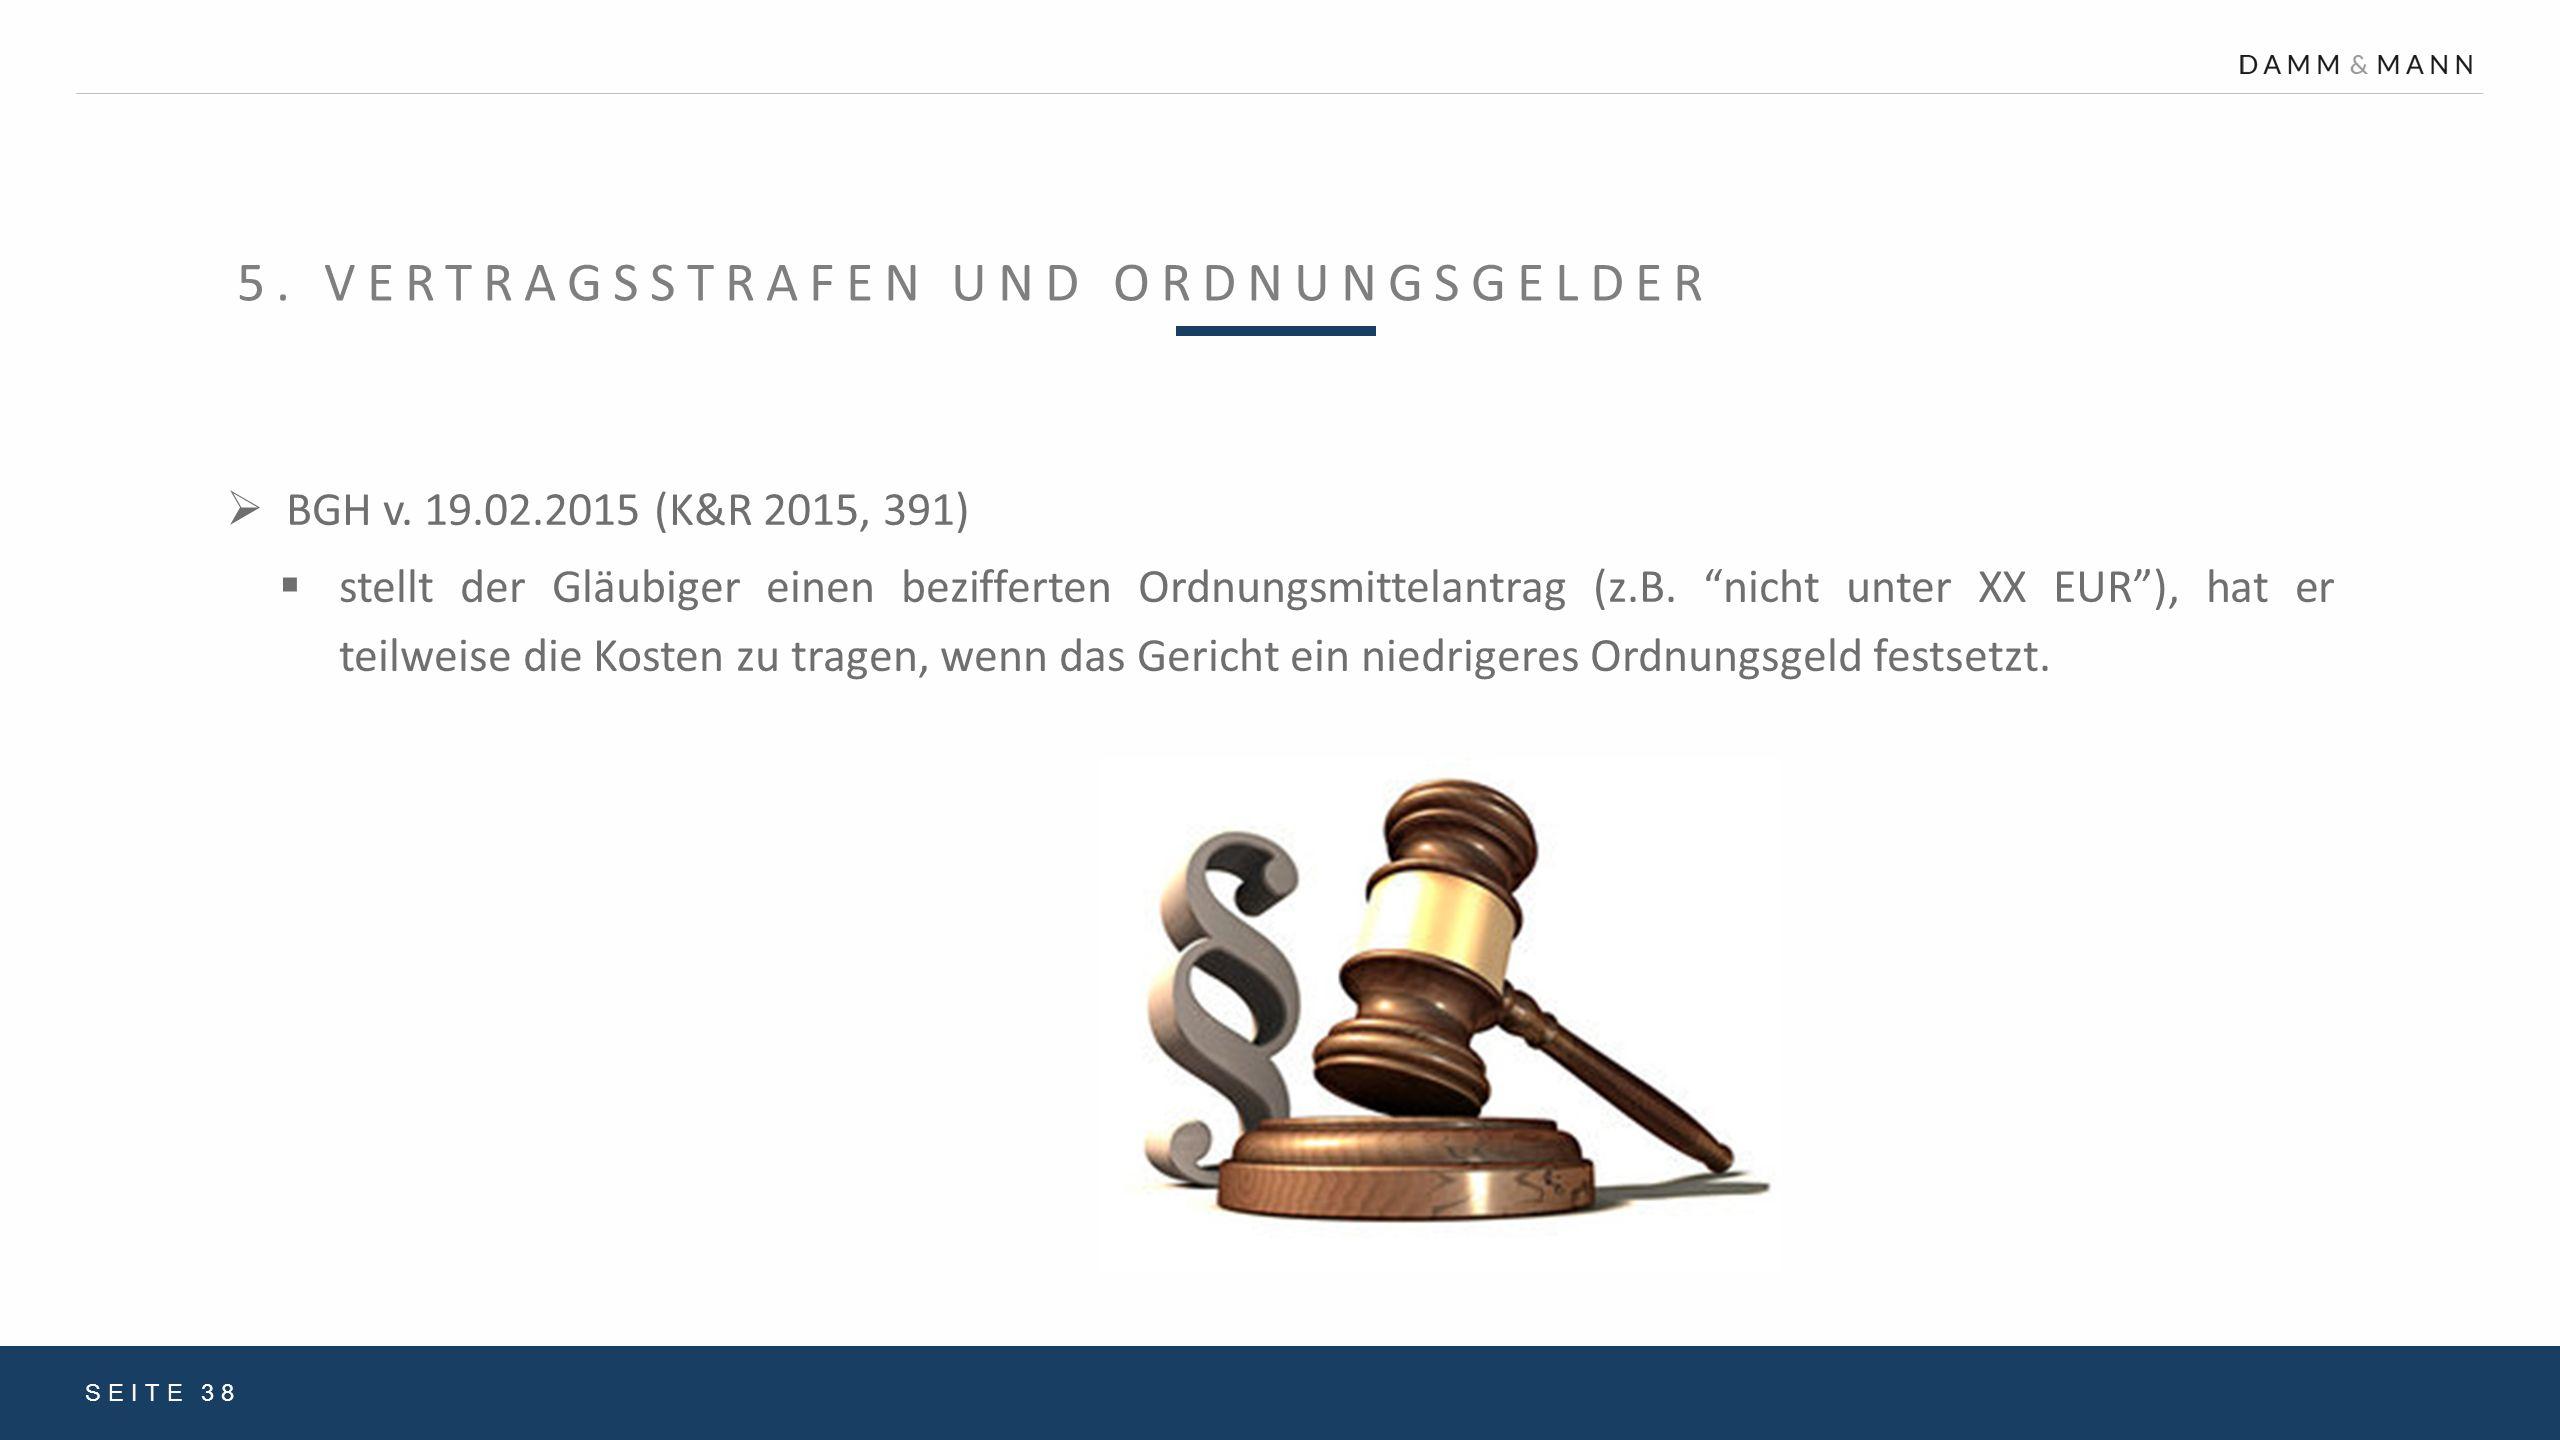 5. VERTRAGSSTRAFEN UND ORDNUNGSGELDER SEITE 38  BGH v. 19.02.2015 (K&R 2015, 391)  stellt der Gläubiger einen bezifferten Ordnungsmittelantrag (z.B.